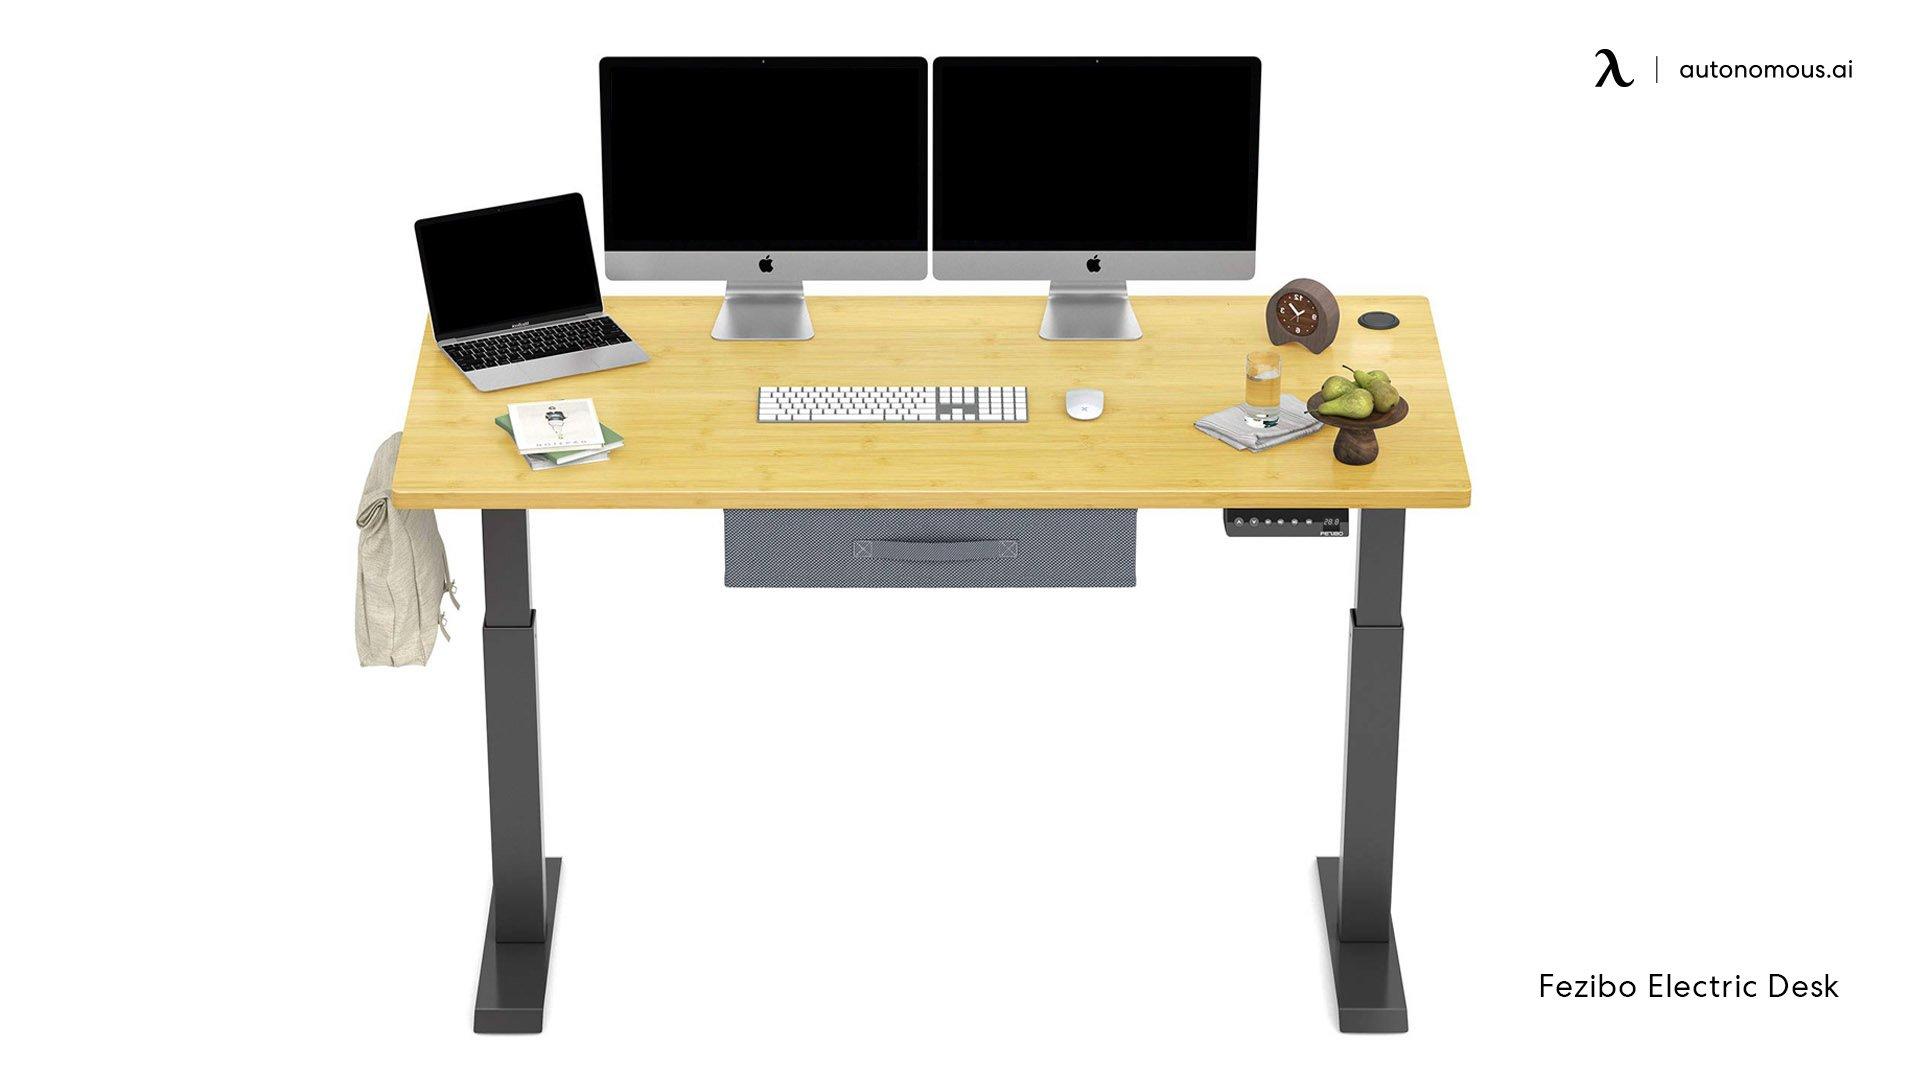 Fezibo Electric Desk